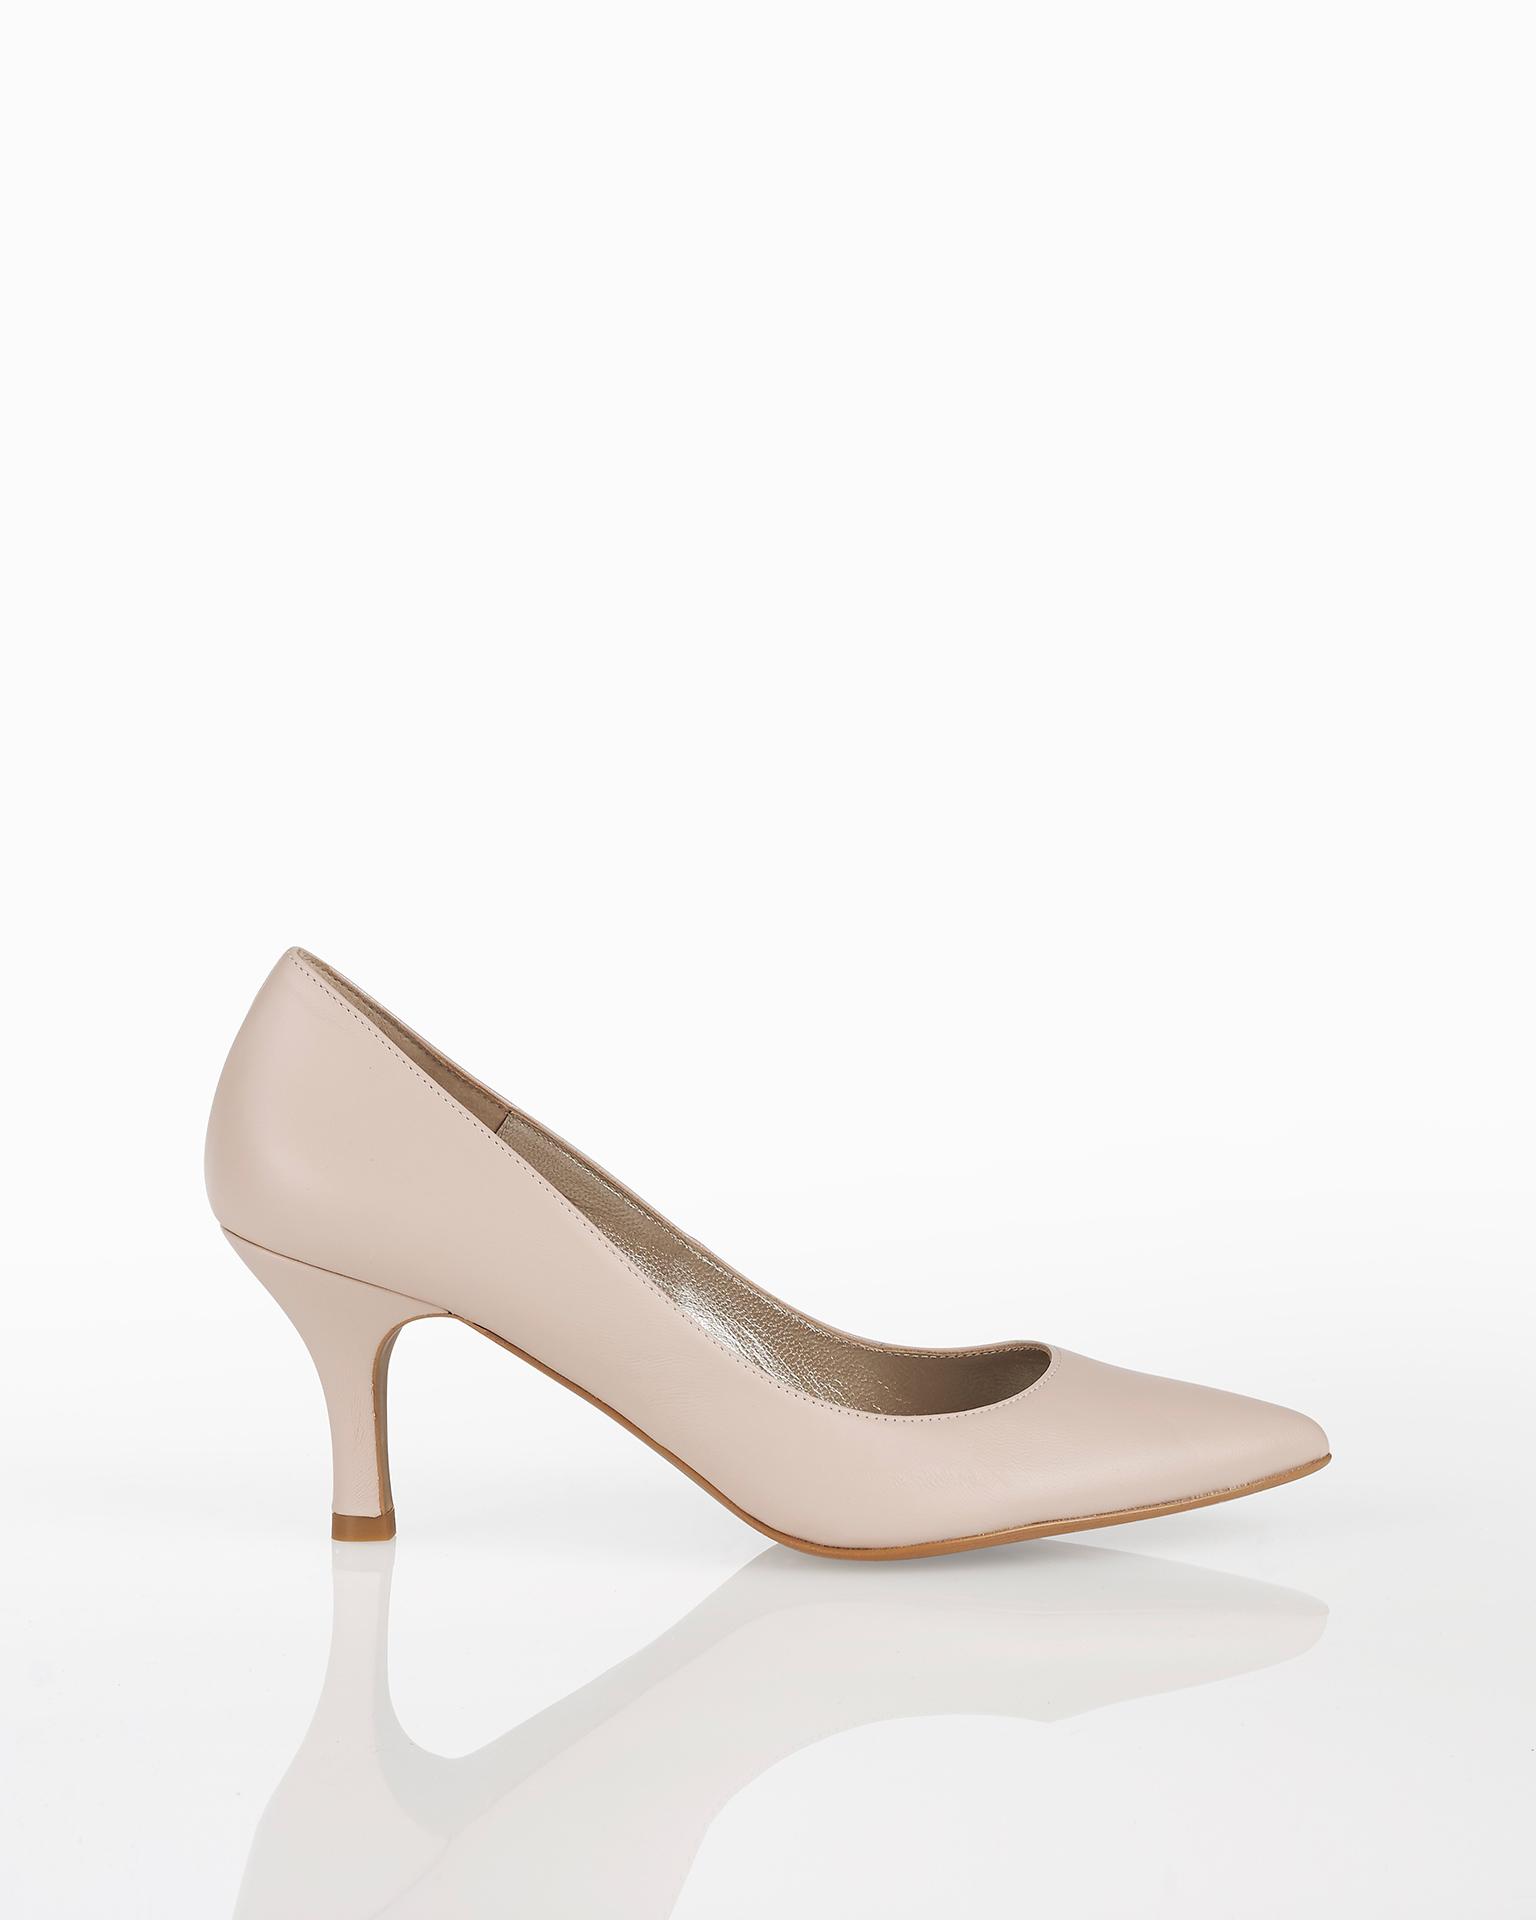 Sapatos de noiva estilo baile, de pele com salto baixo, disponíveis em cor natural, nude, dourado e prateado. Coleção AIRE BARCELONA 2018.